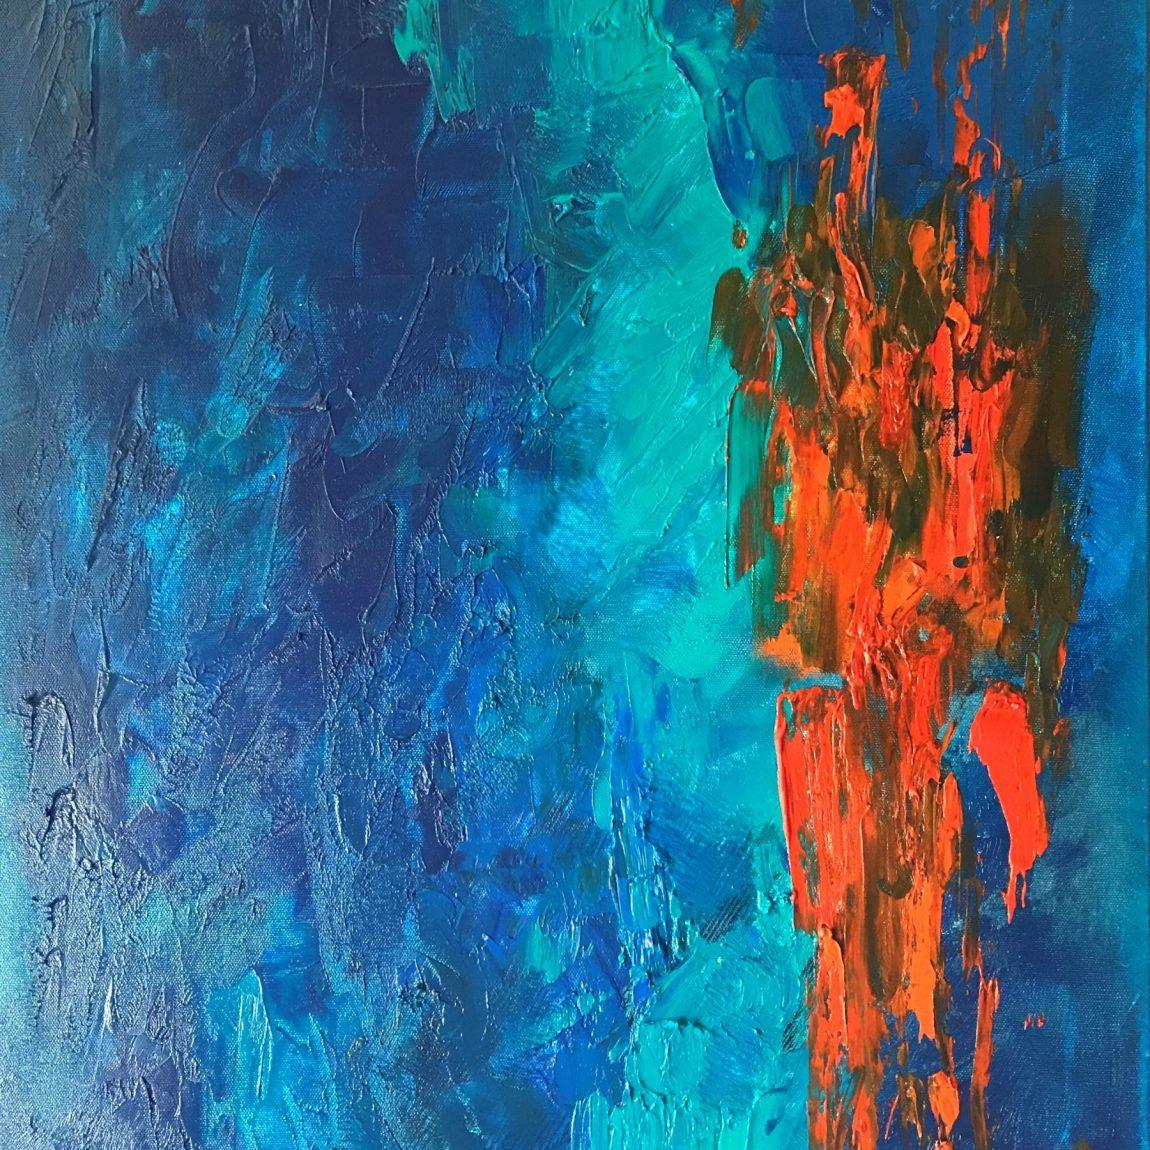 AYDA TAVİL- Teknik: Tuval Üzeri Yağlı Boya Ölçü: 50x70 cm  Fiyat : 7.080 TL